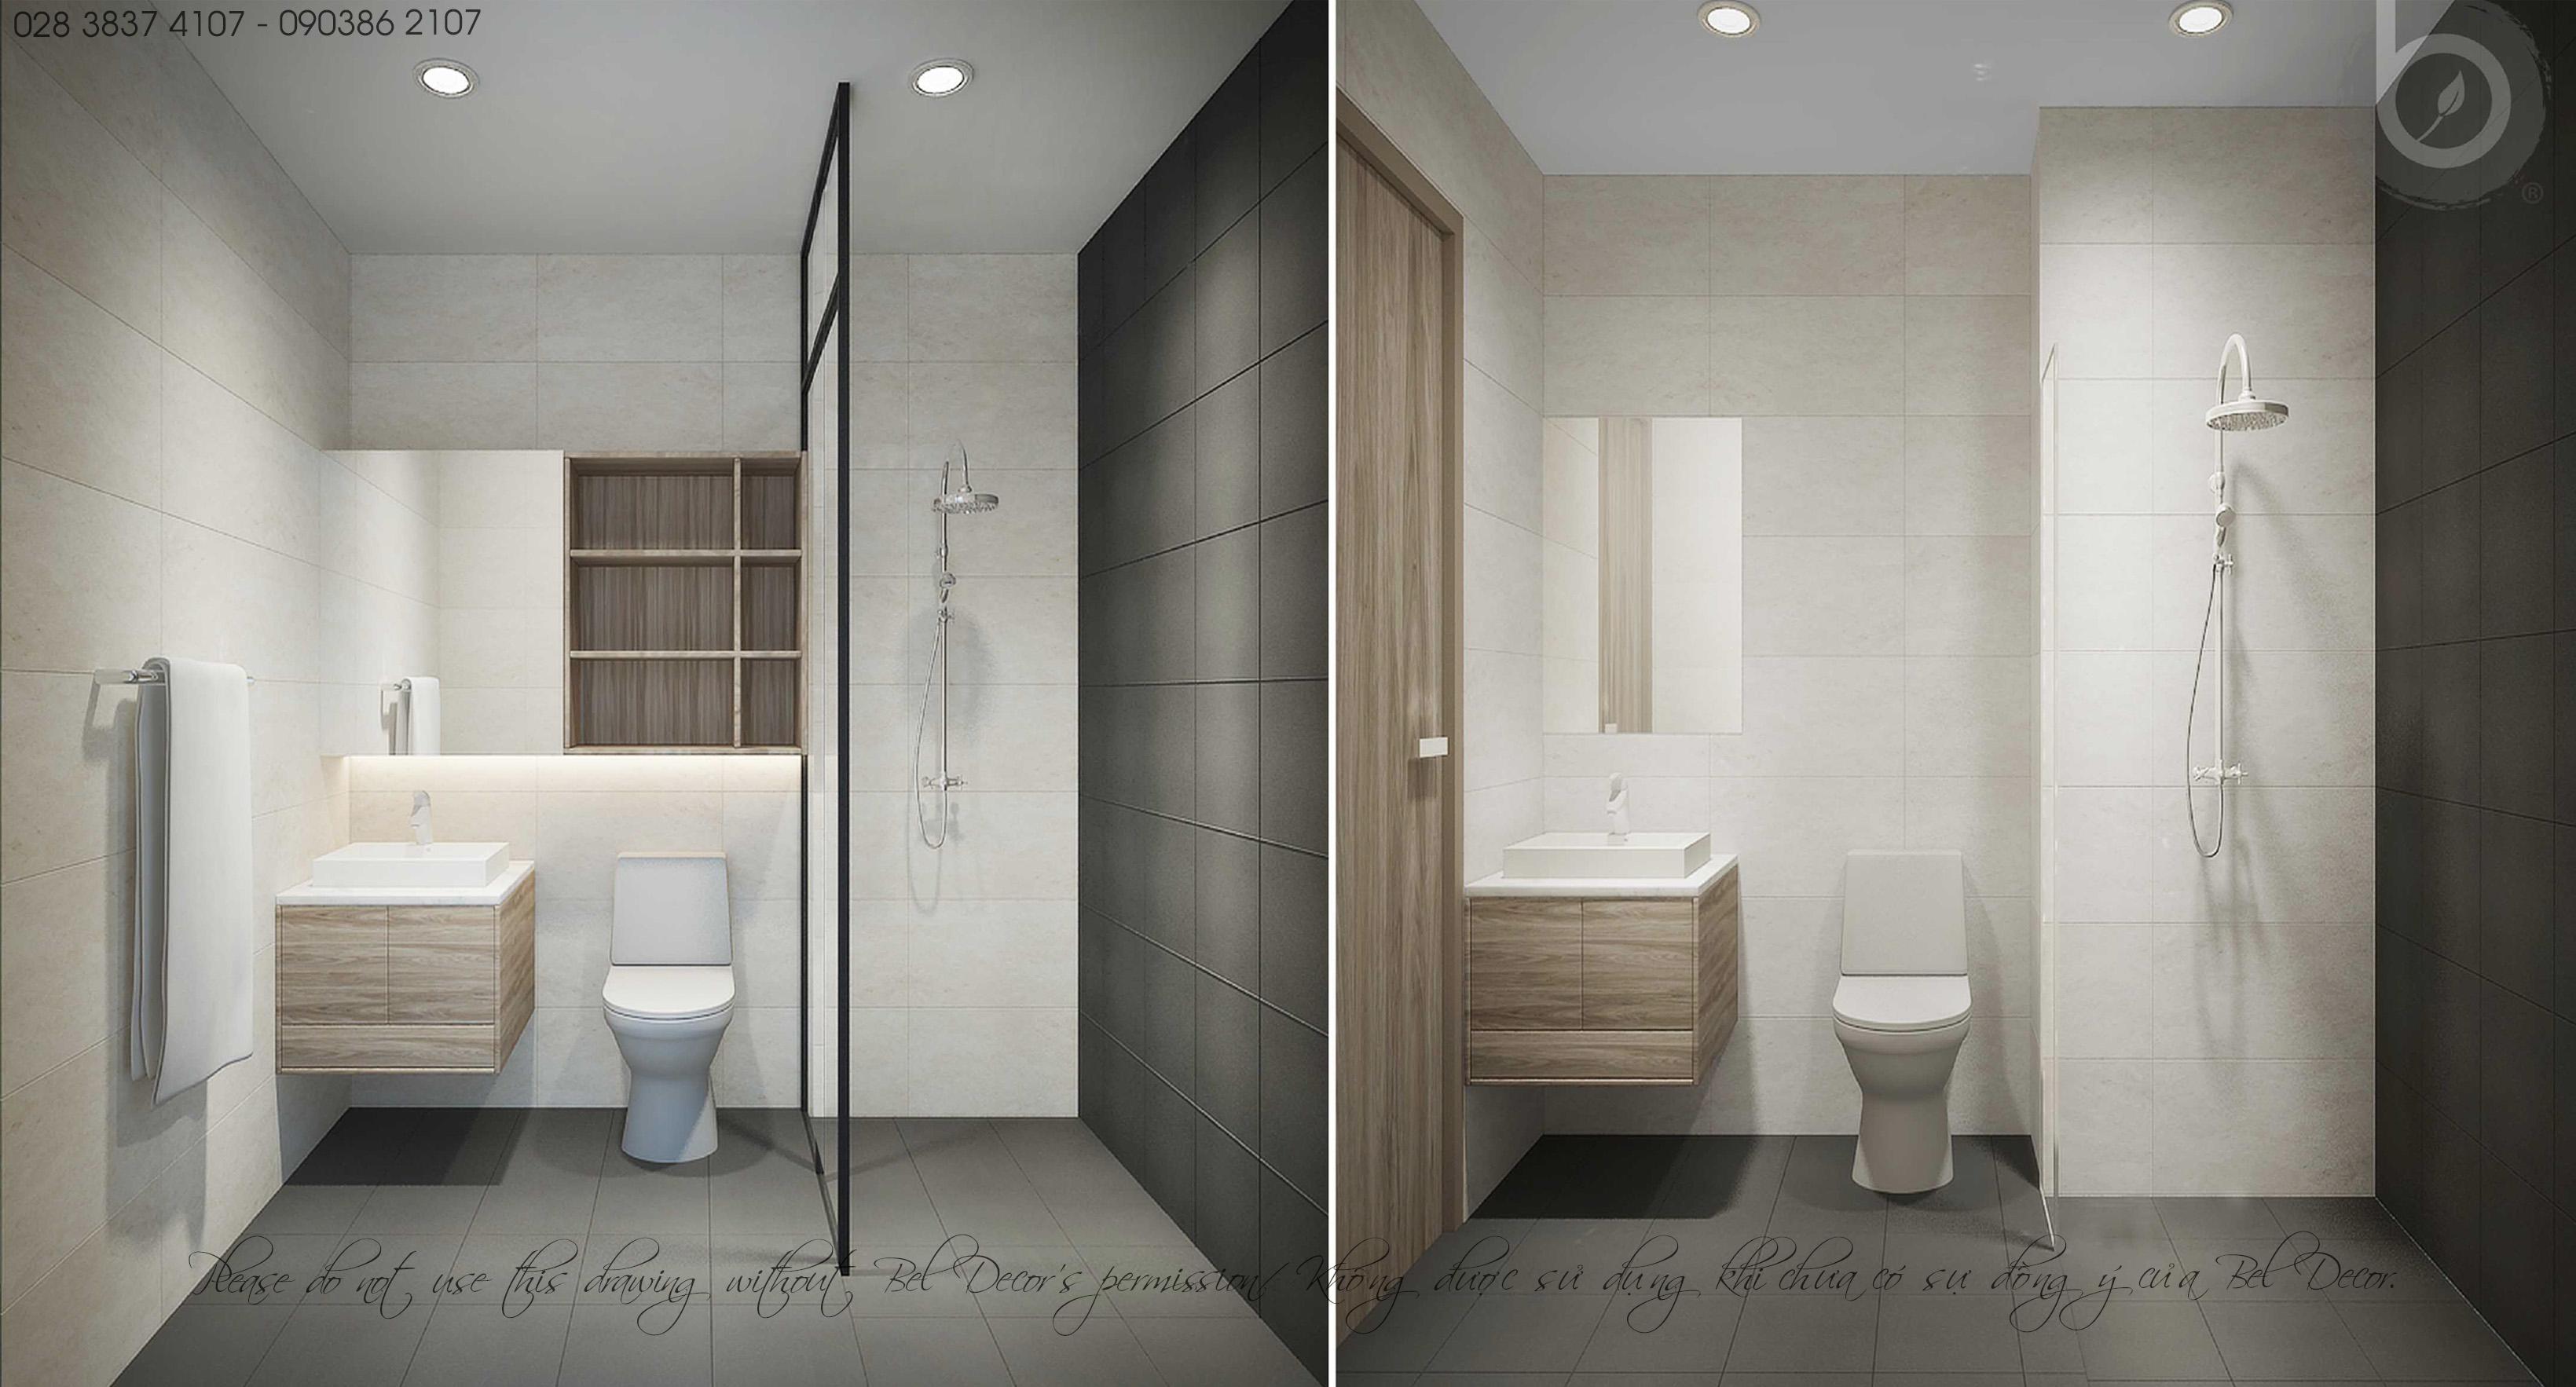 thiết kế nội thất chung cư tại Hồ Chí Minh THIẾT KẾ NỘI THẤT CĂN HỘ (HO1893) 9 1562656159